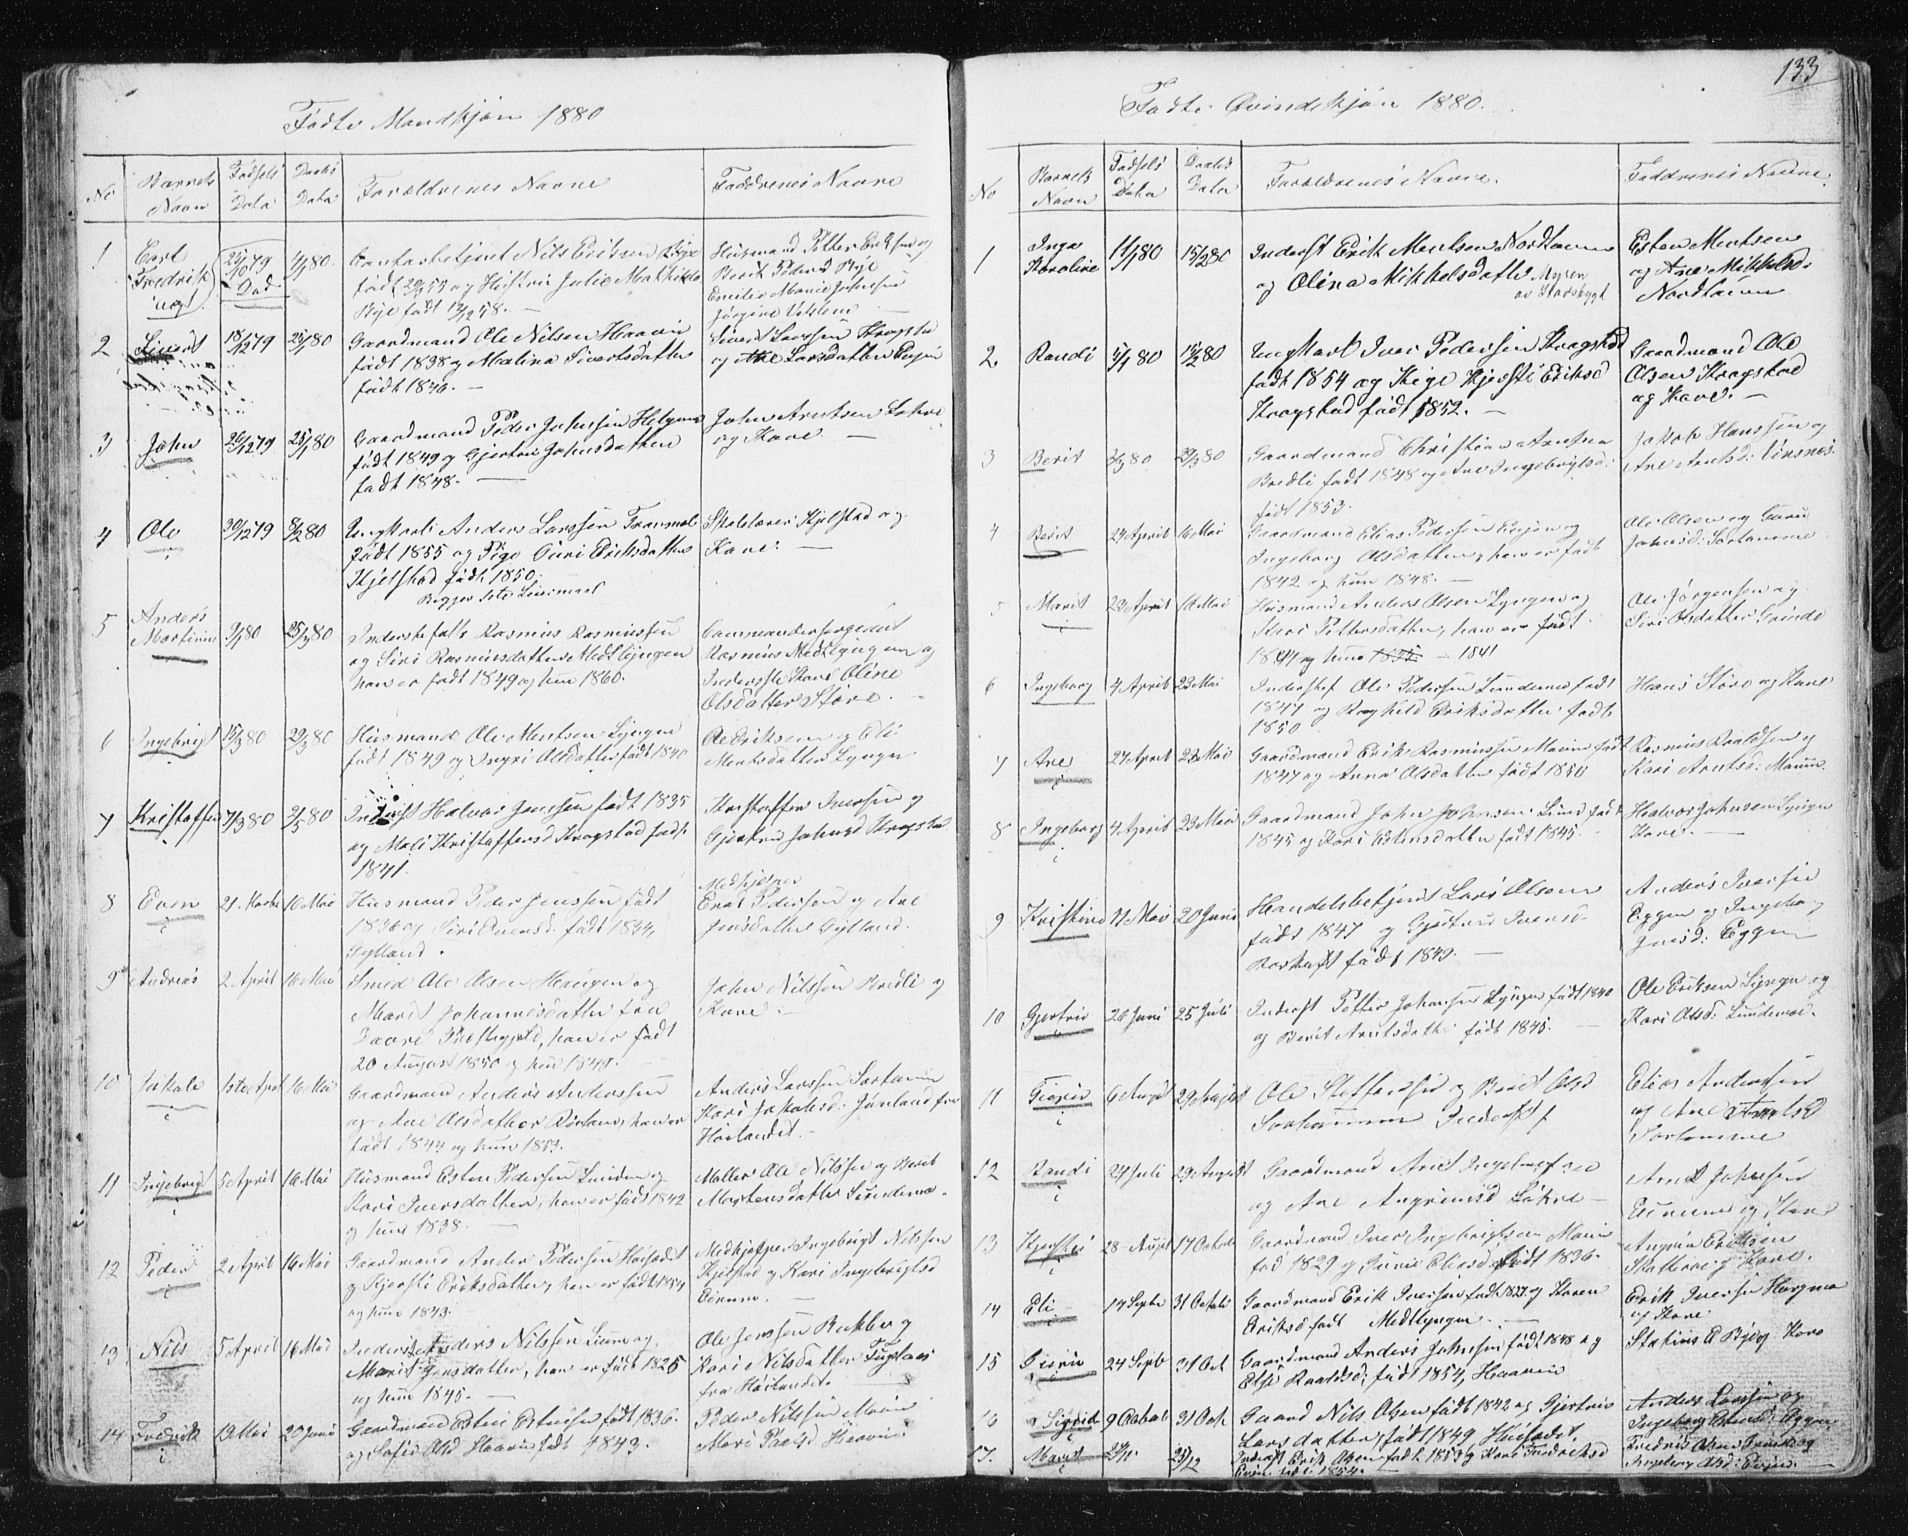 SAT, Ministerialprotokoller, klokkerbøker og fødselsregistre - Sør-Trøndelag, 692/L1110: Klokkerbok nr. 692C05, 1849-1889, s. 133